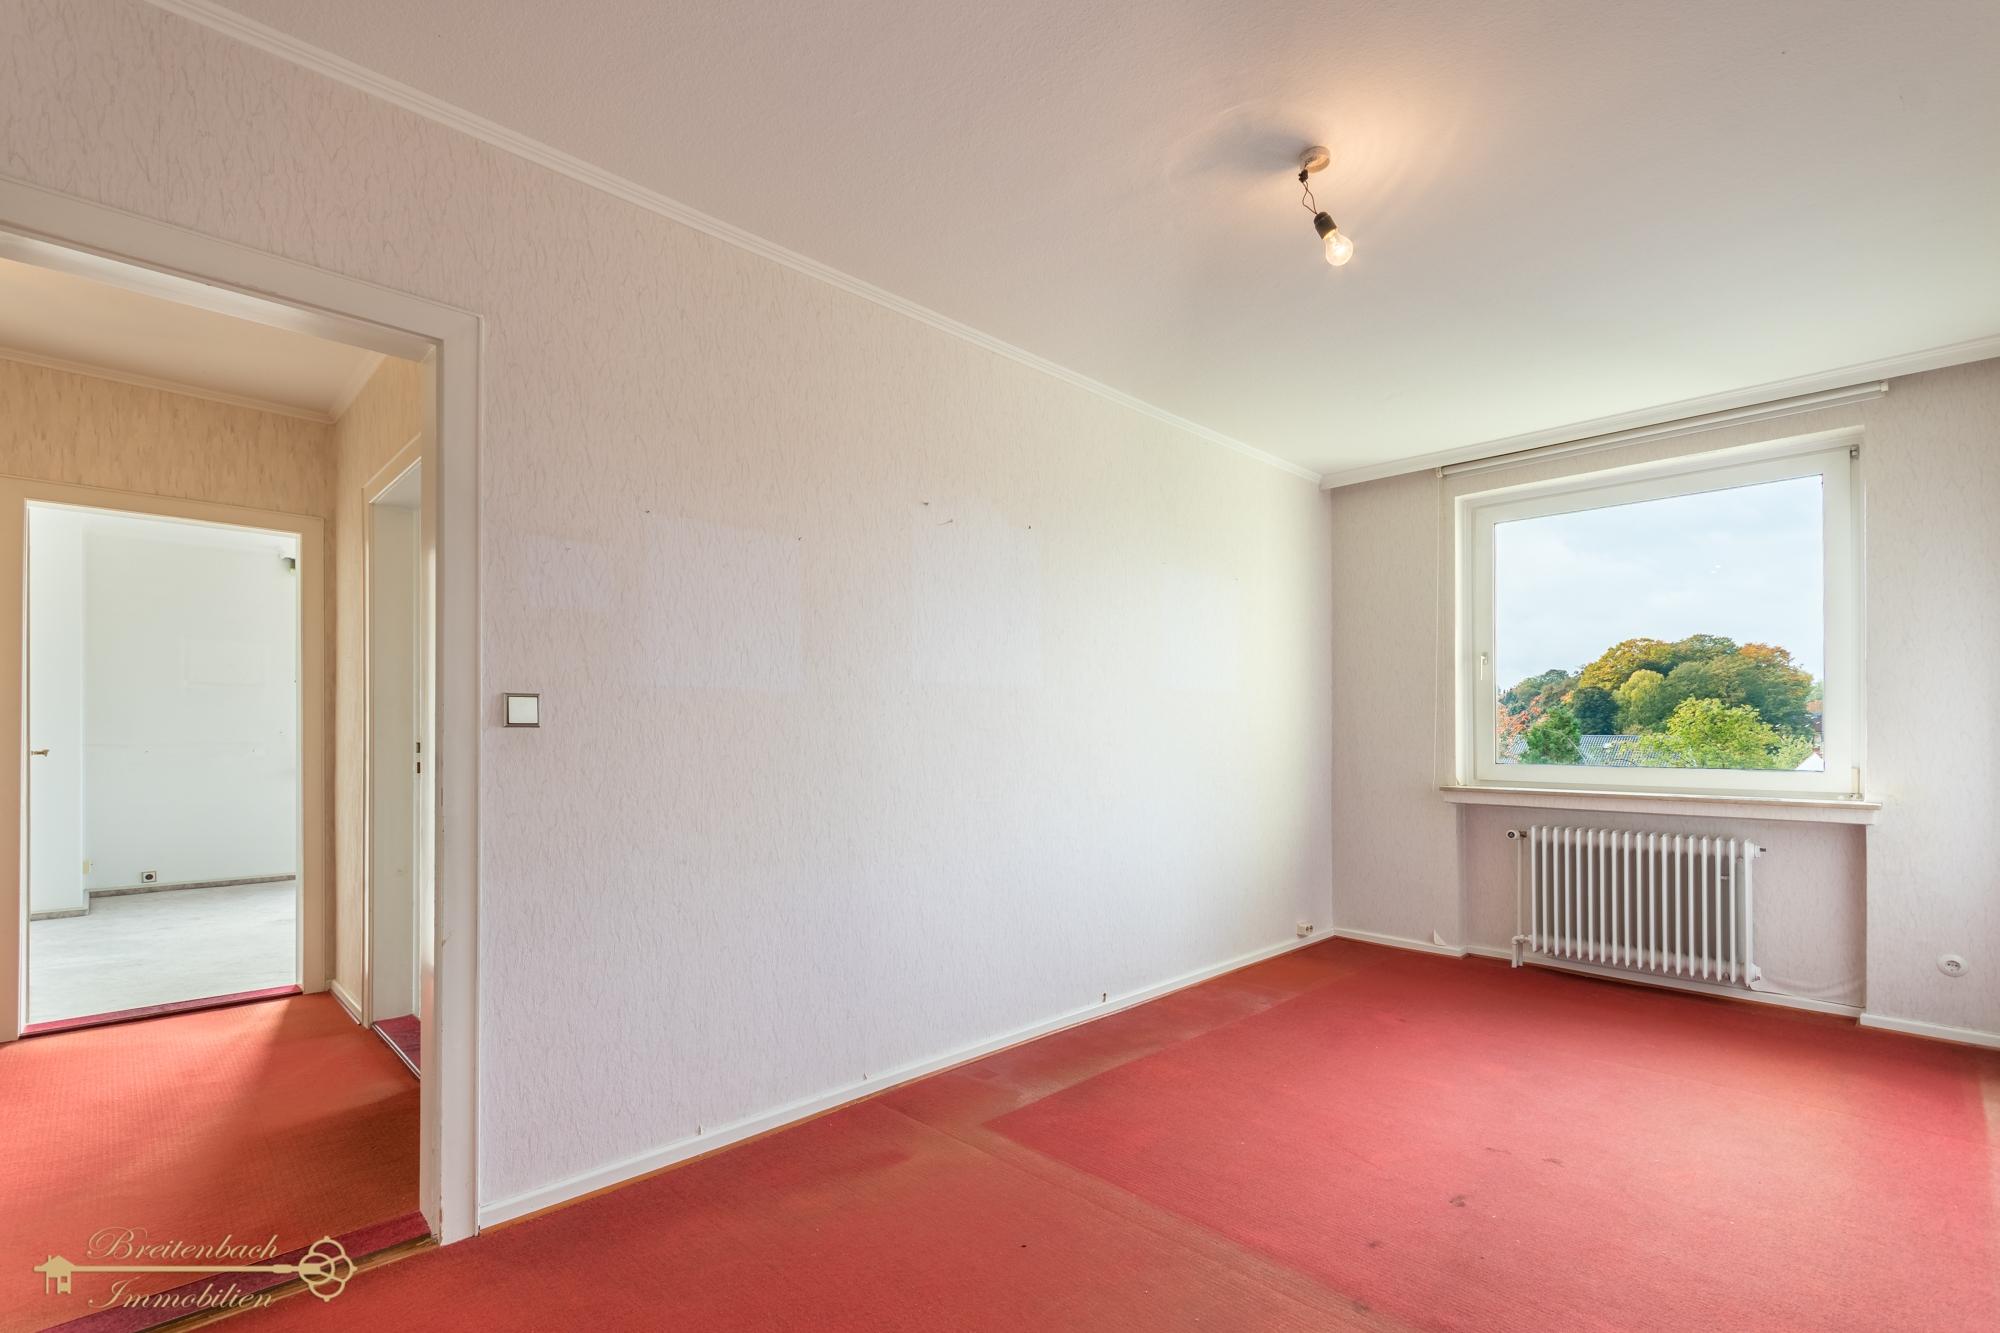 2020-10-18-Breitenbach-Immobilien-7